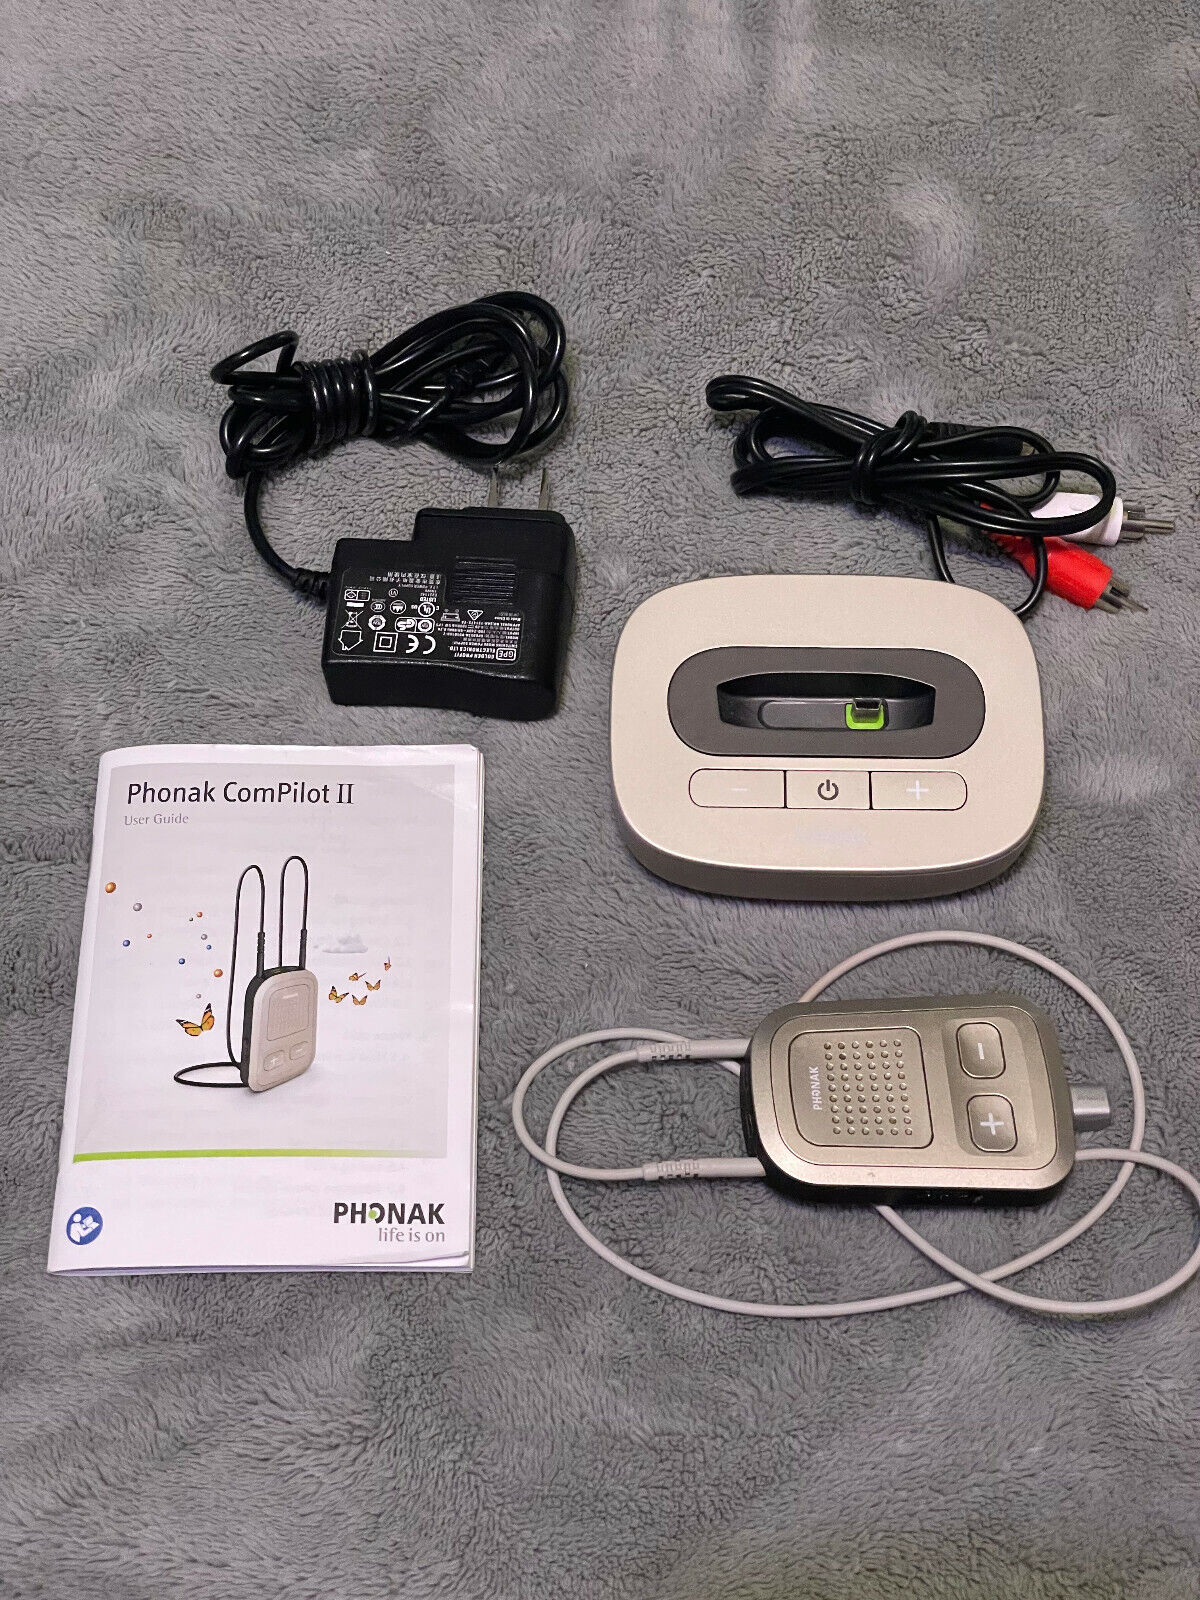 Phonak ComPilot II RemoteMic II TVlink Base II For Sale  - $100.77